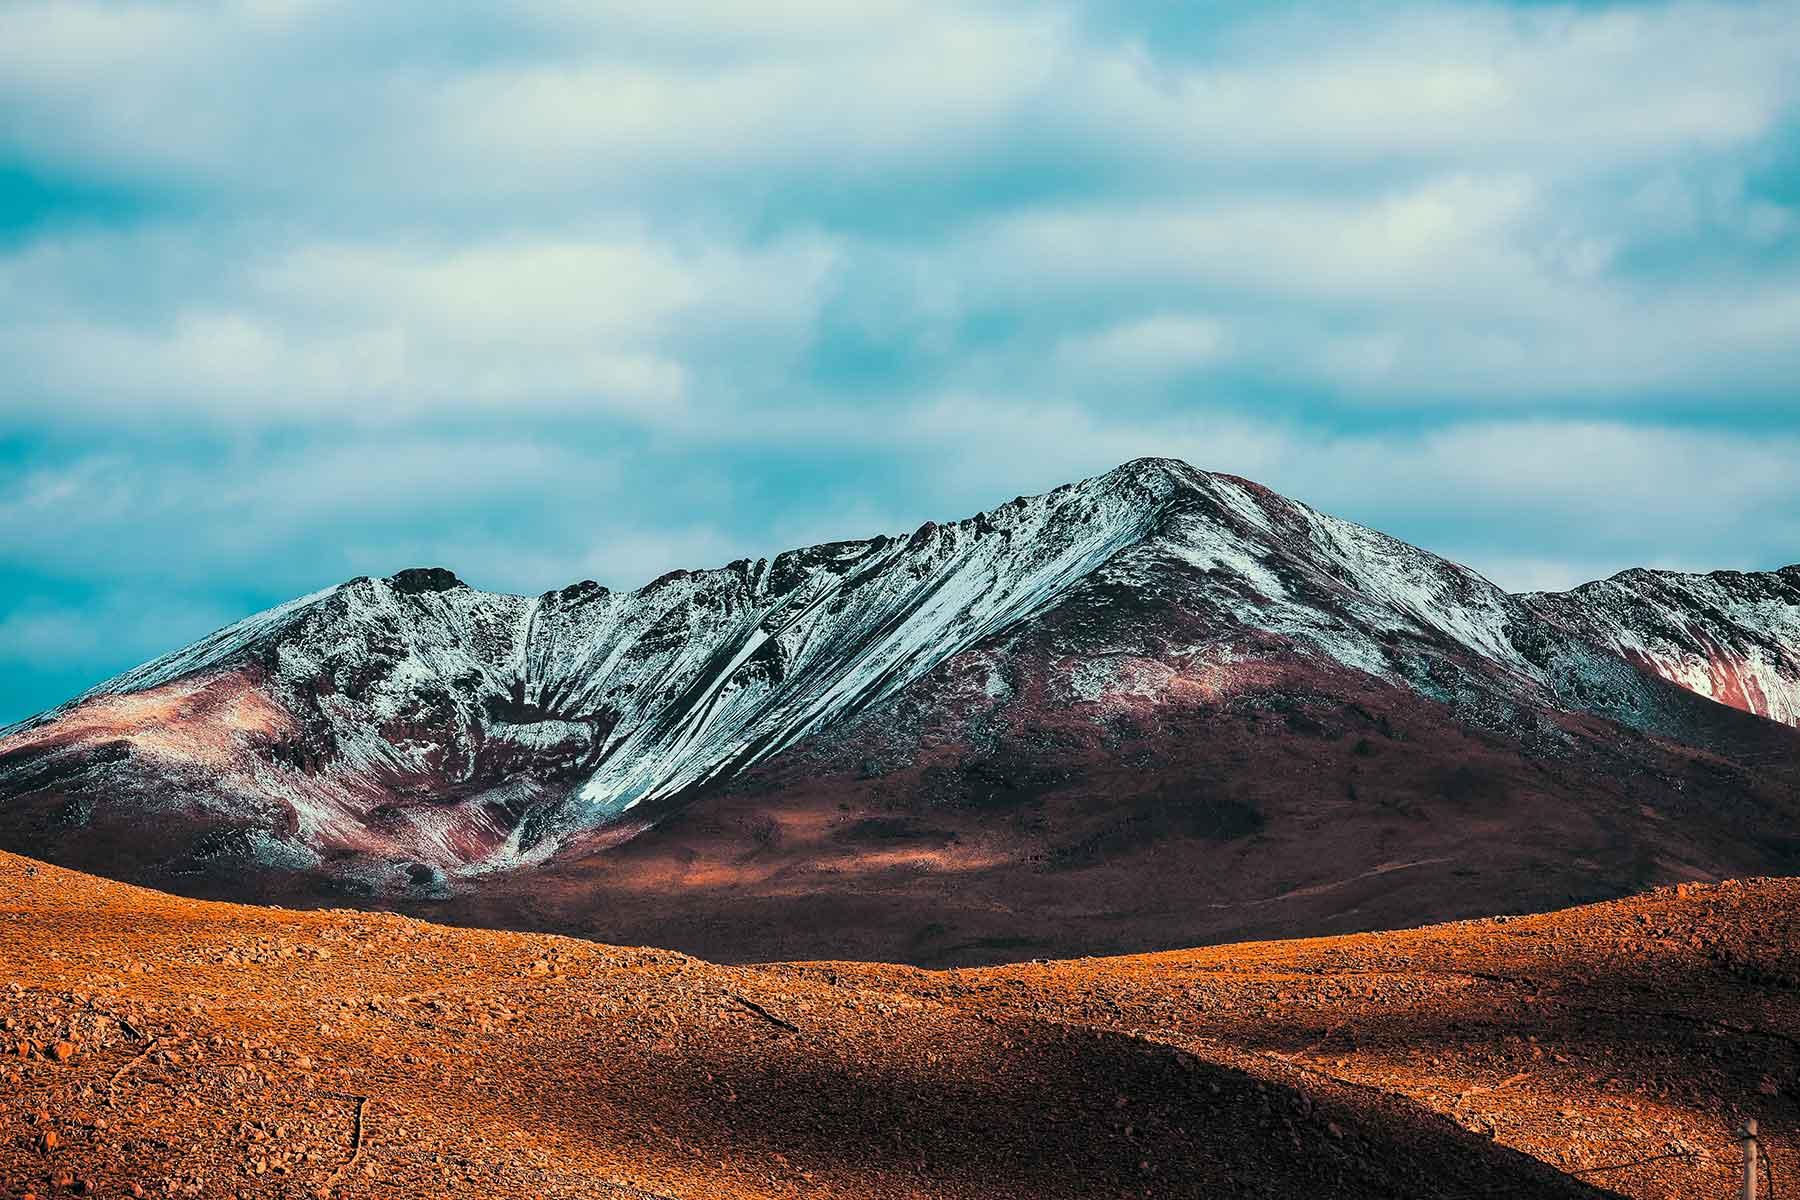 Resor-till-Bolivia-med-Nygren-&-Lind-Resebyrå---bergstoppar-med-snö